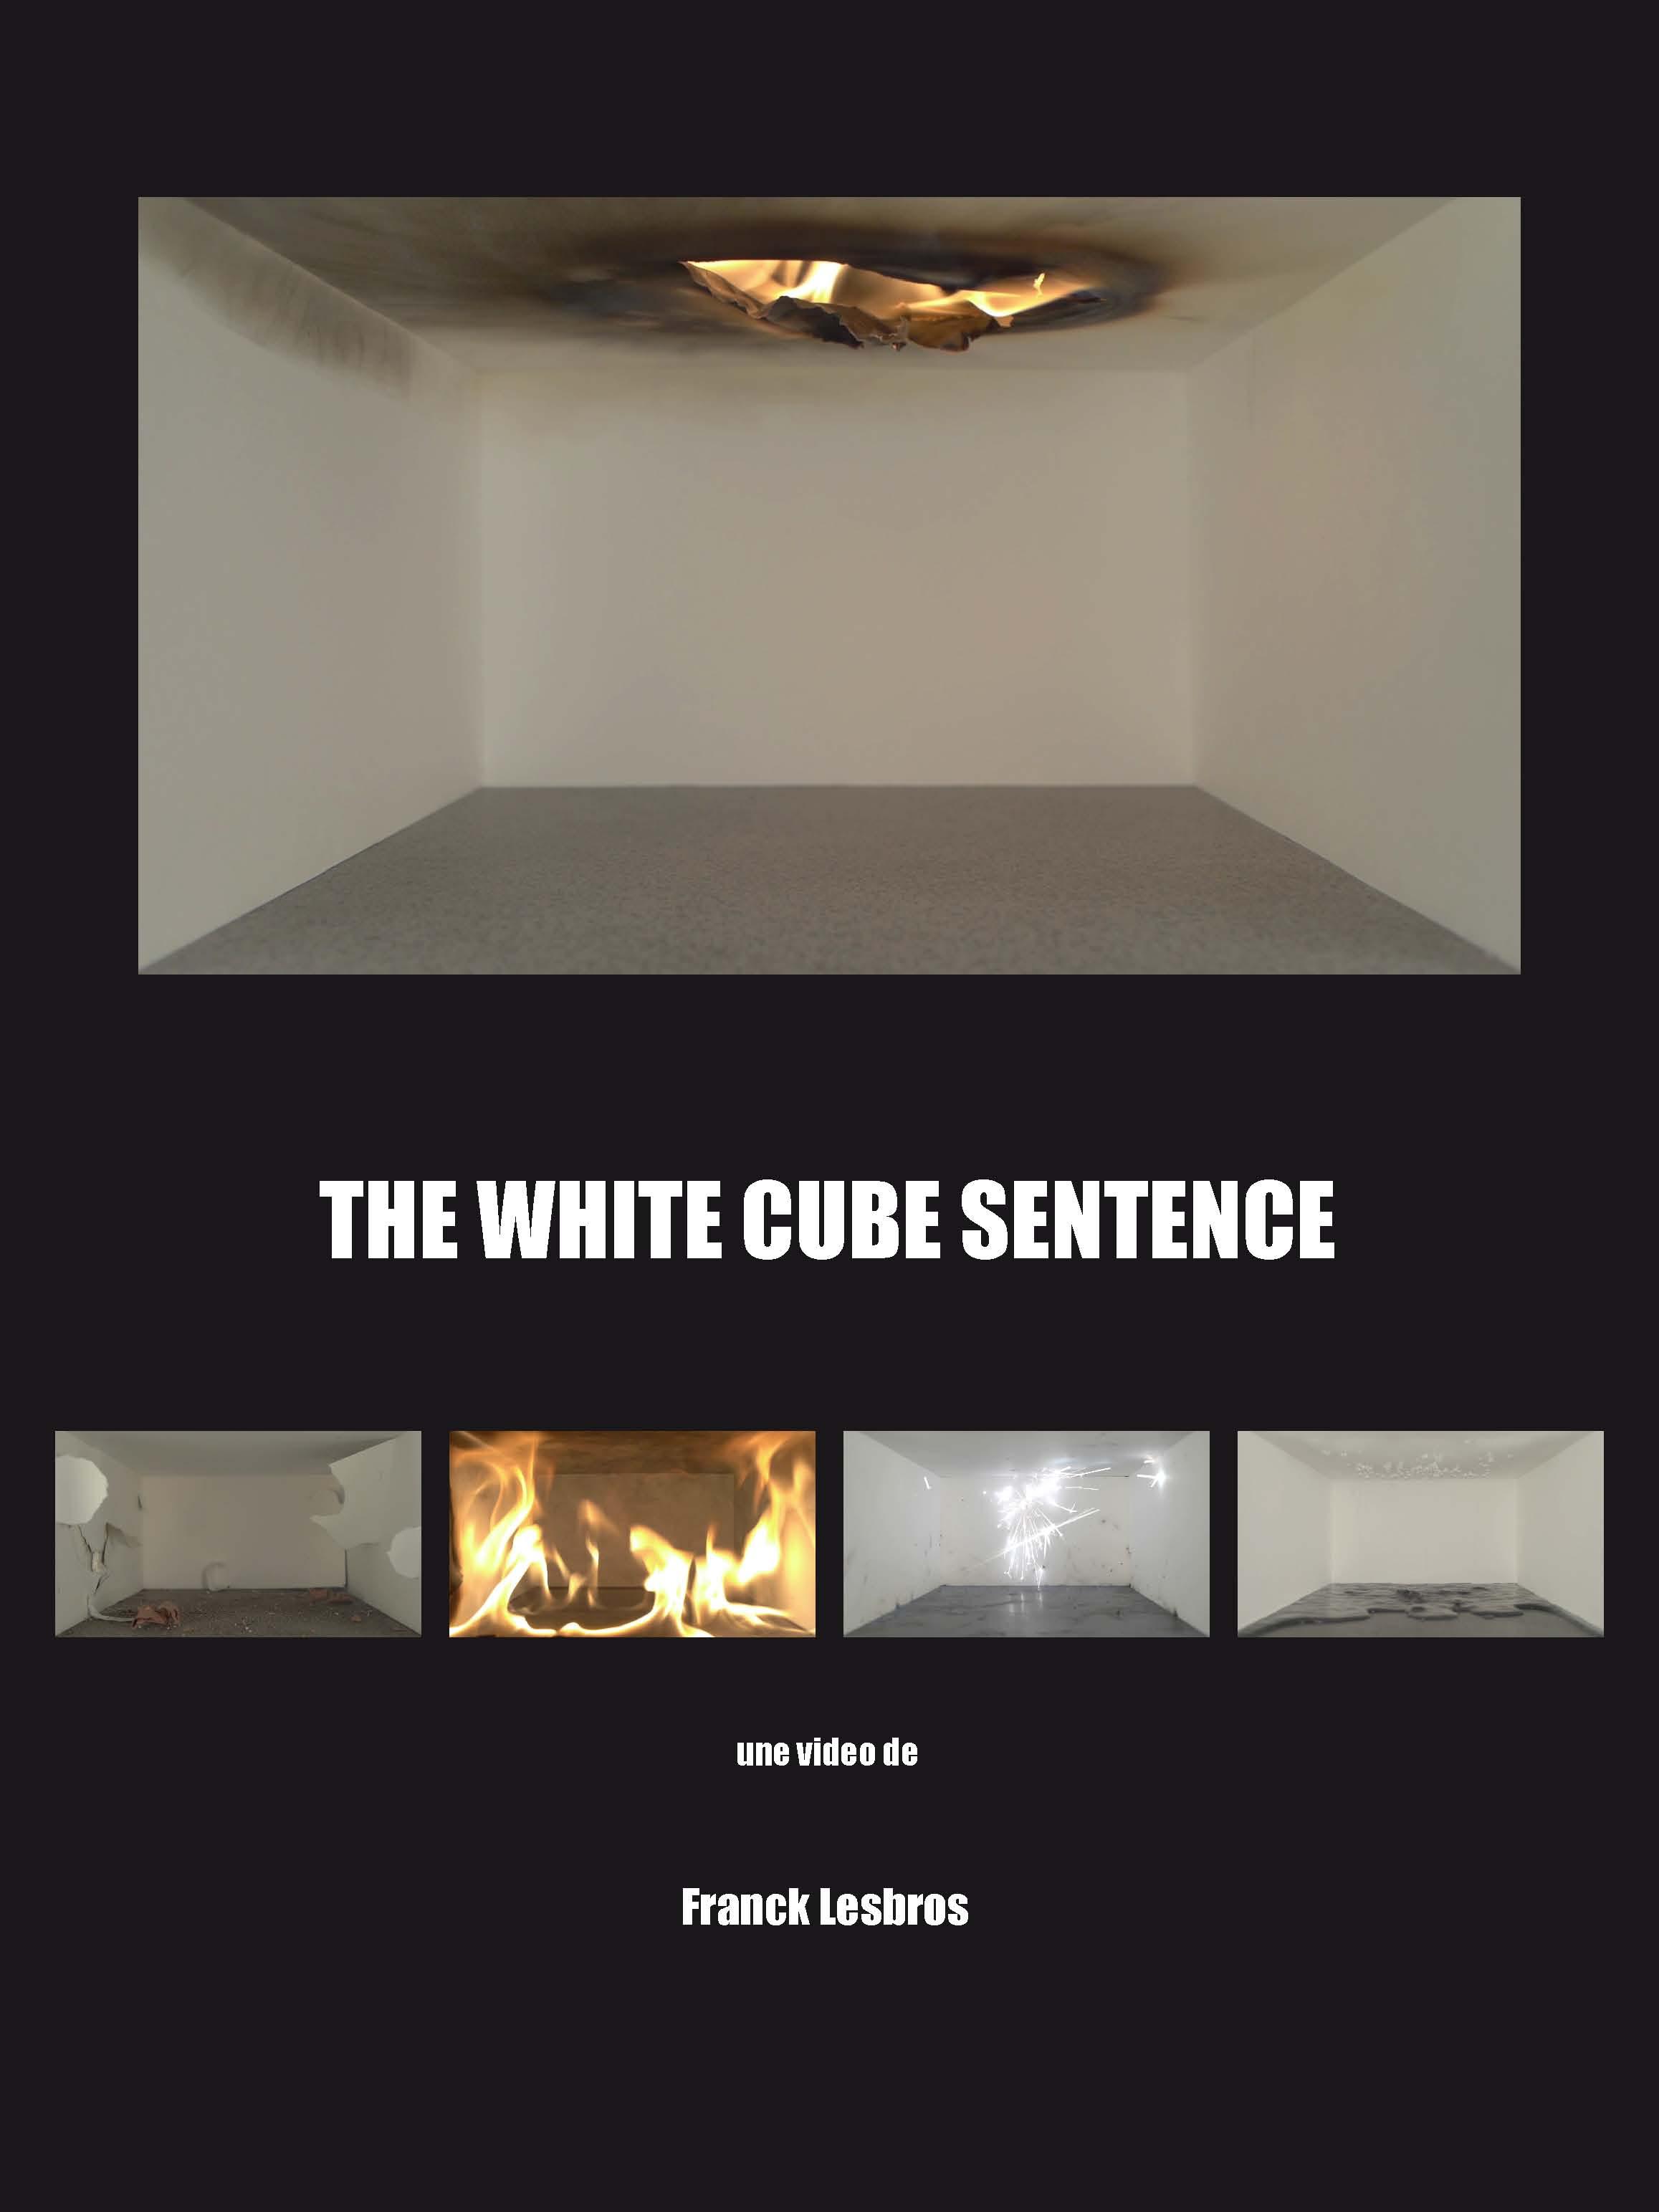 The white cube sentence , Franck Lesbros, AtelieRnaTionnal 2013